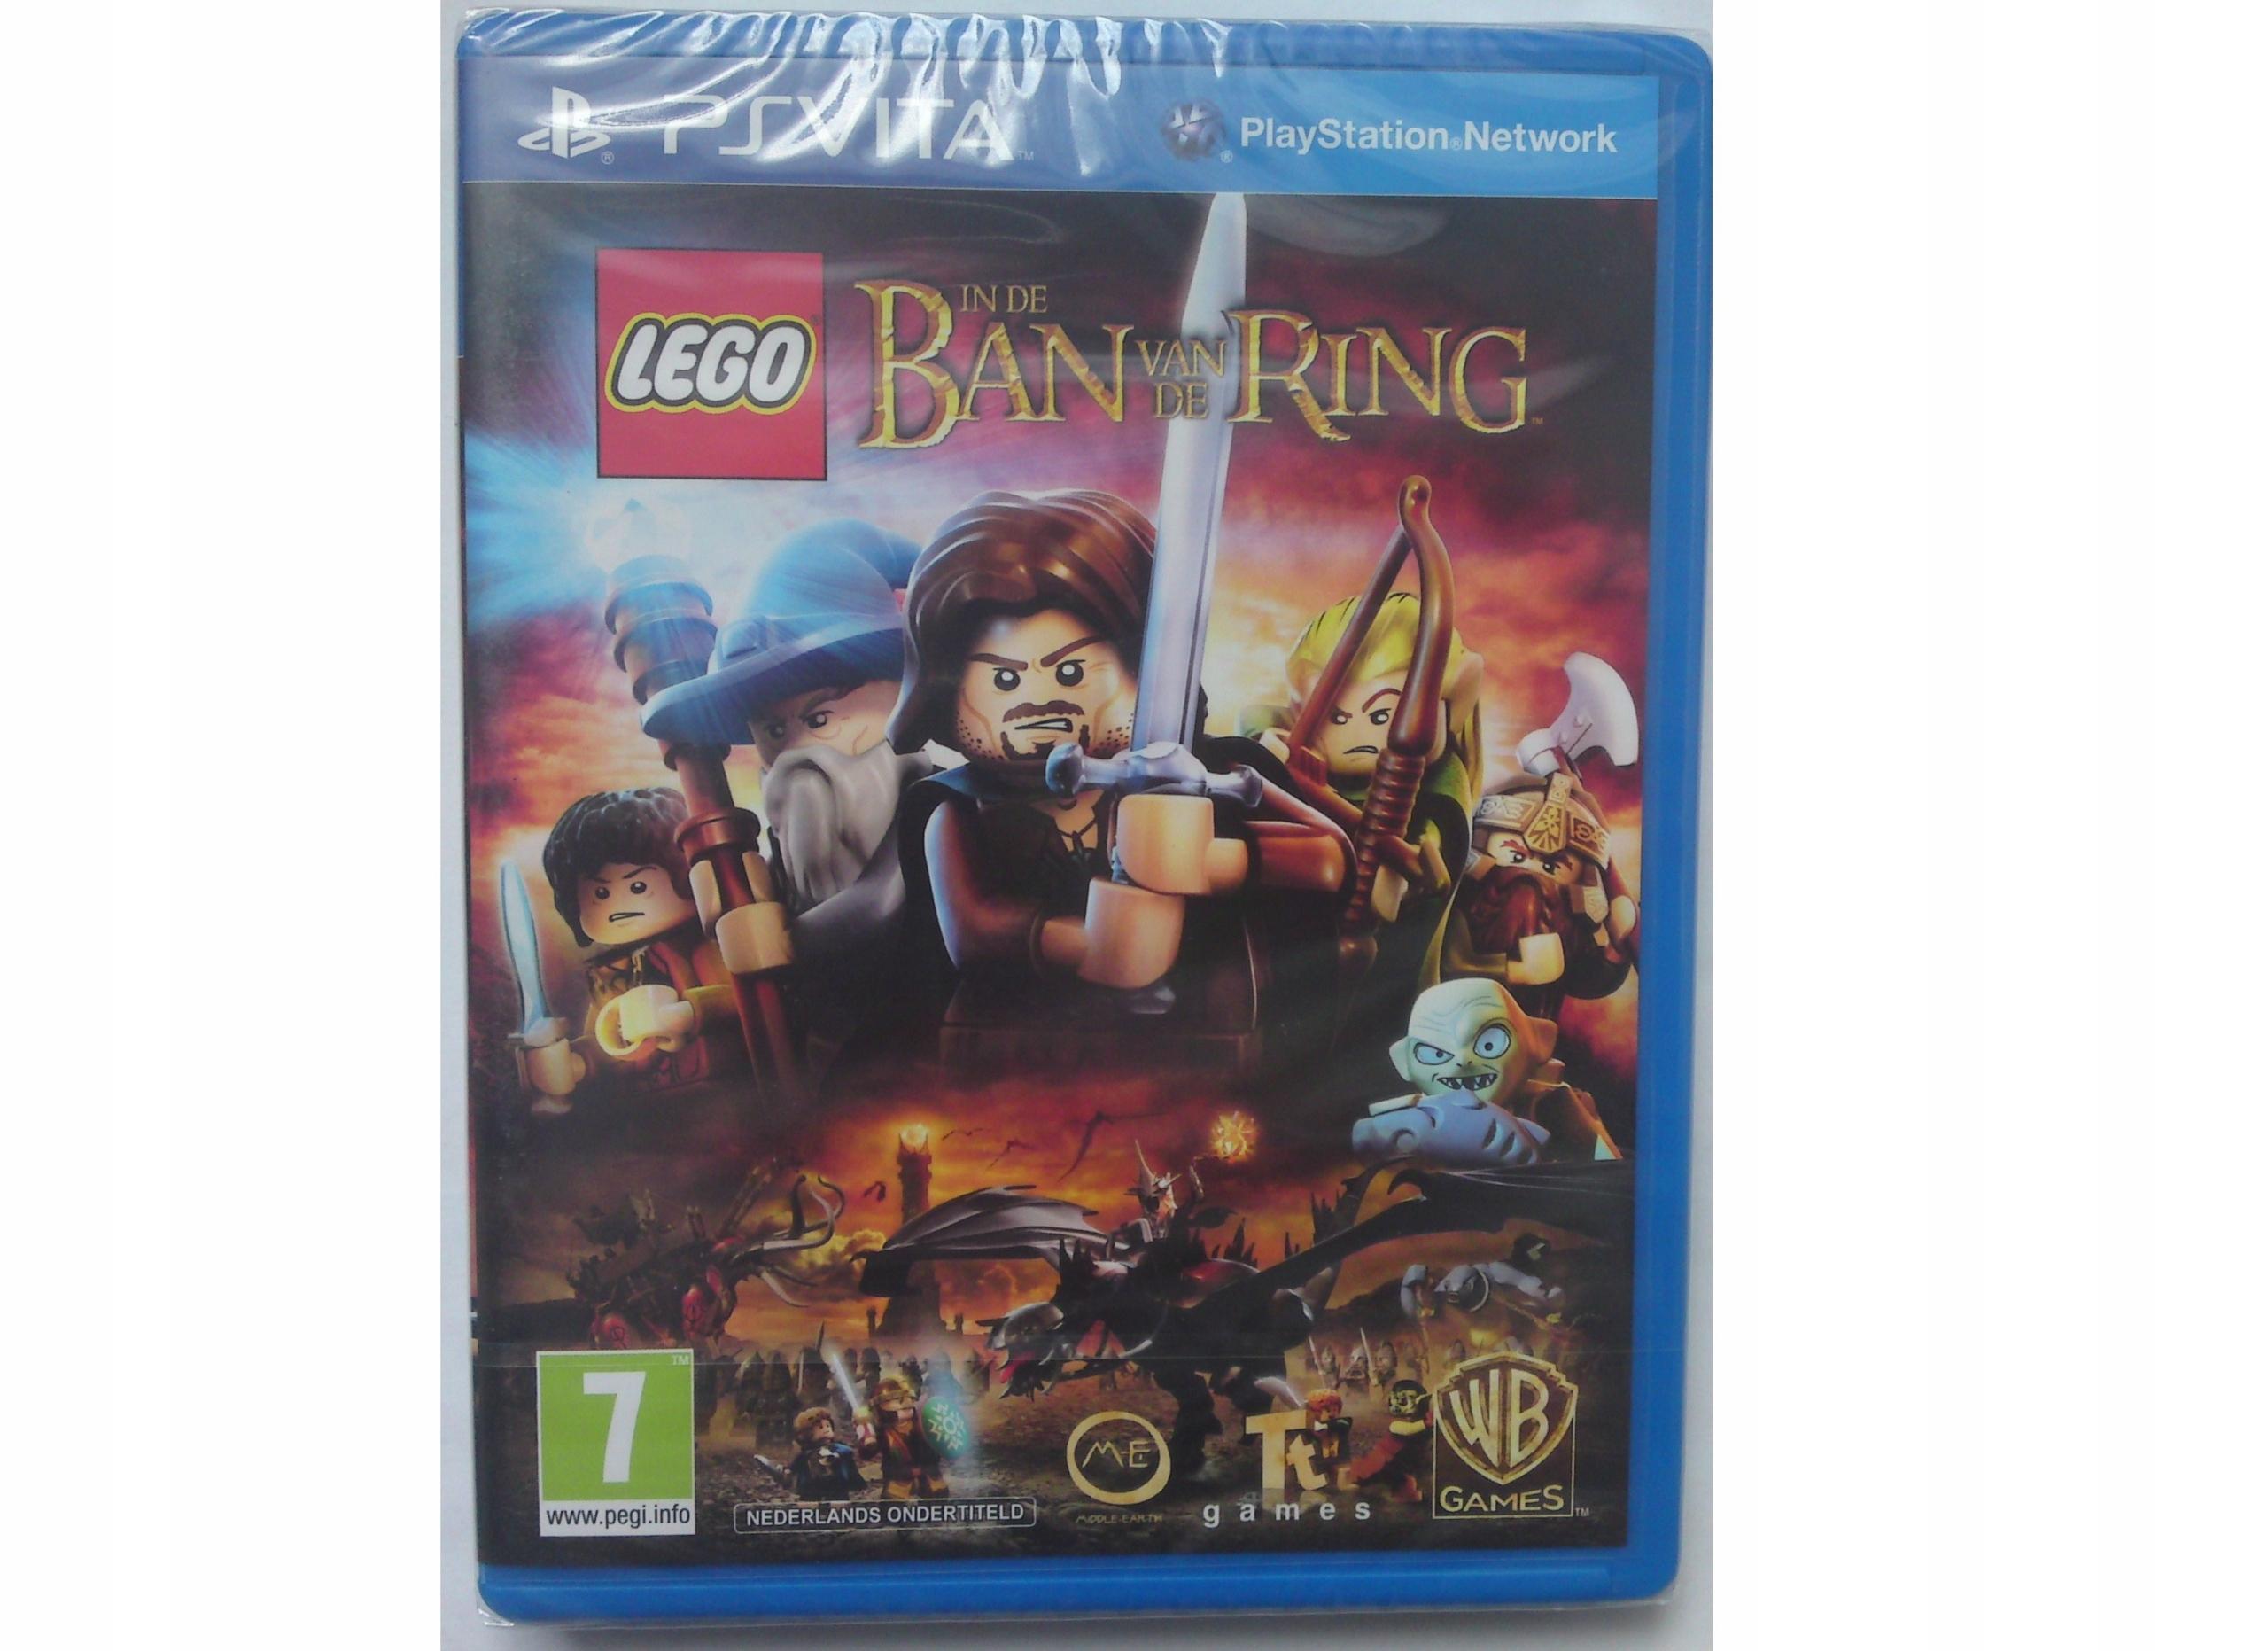 Lego Władca Pierścieni Pl Folia Ps Vita 7466083656 Oficjalne